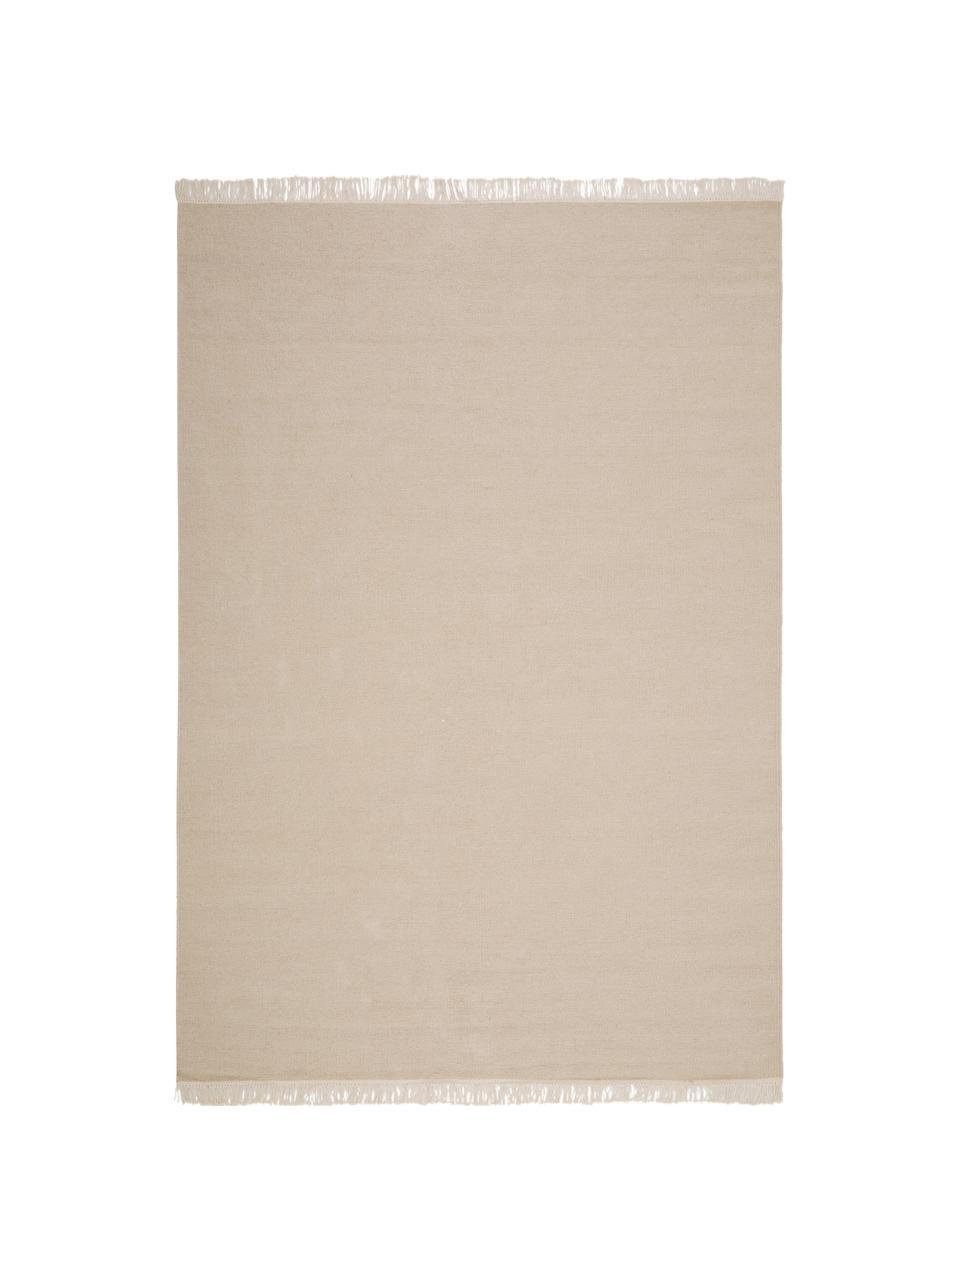 Handgeweven wollen vloerkleed Rainbow in beige met franjes, Franjes: 100% katoen, Zandkleurig, B 140 x L 200 cm (maat S)